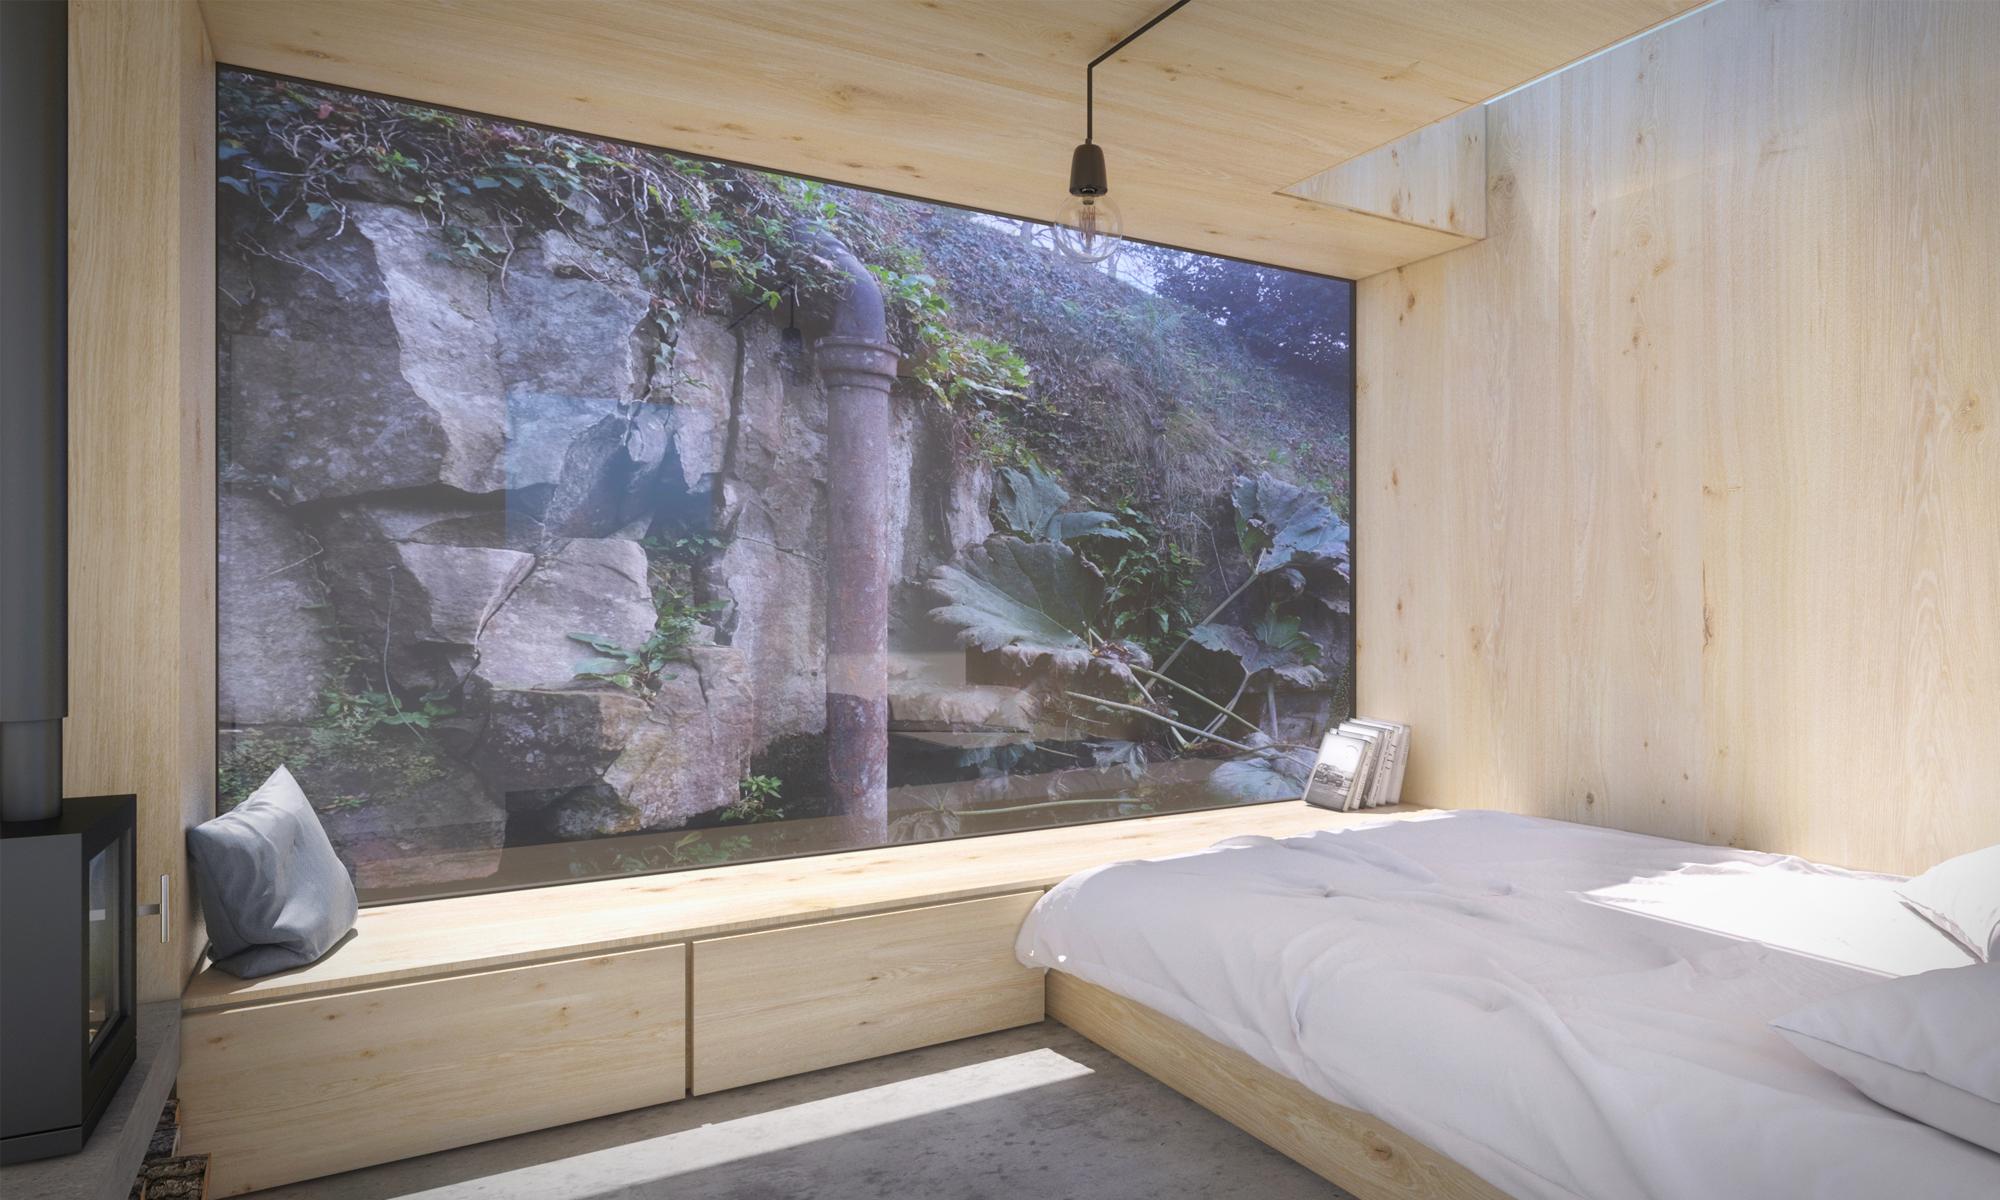 Old mill Pod Bedroom